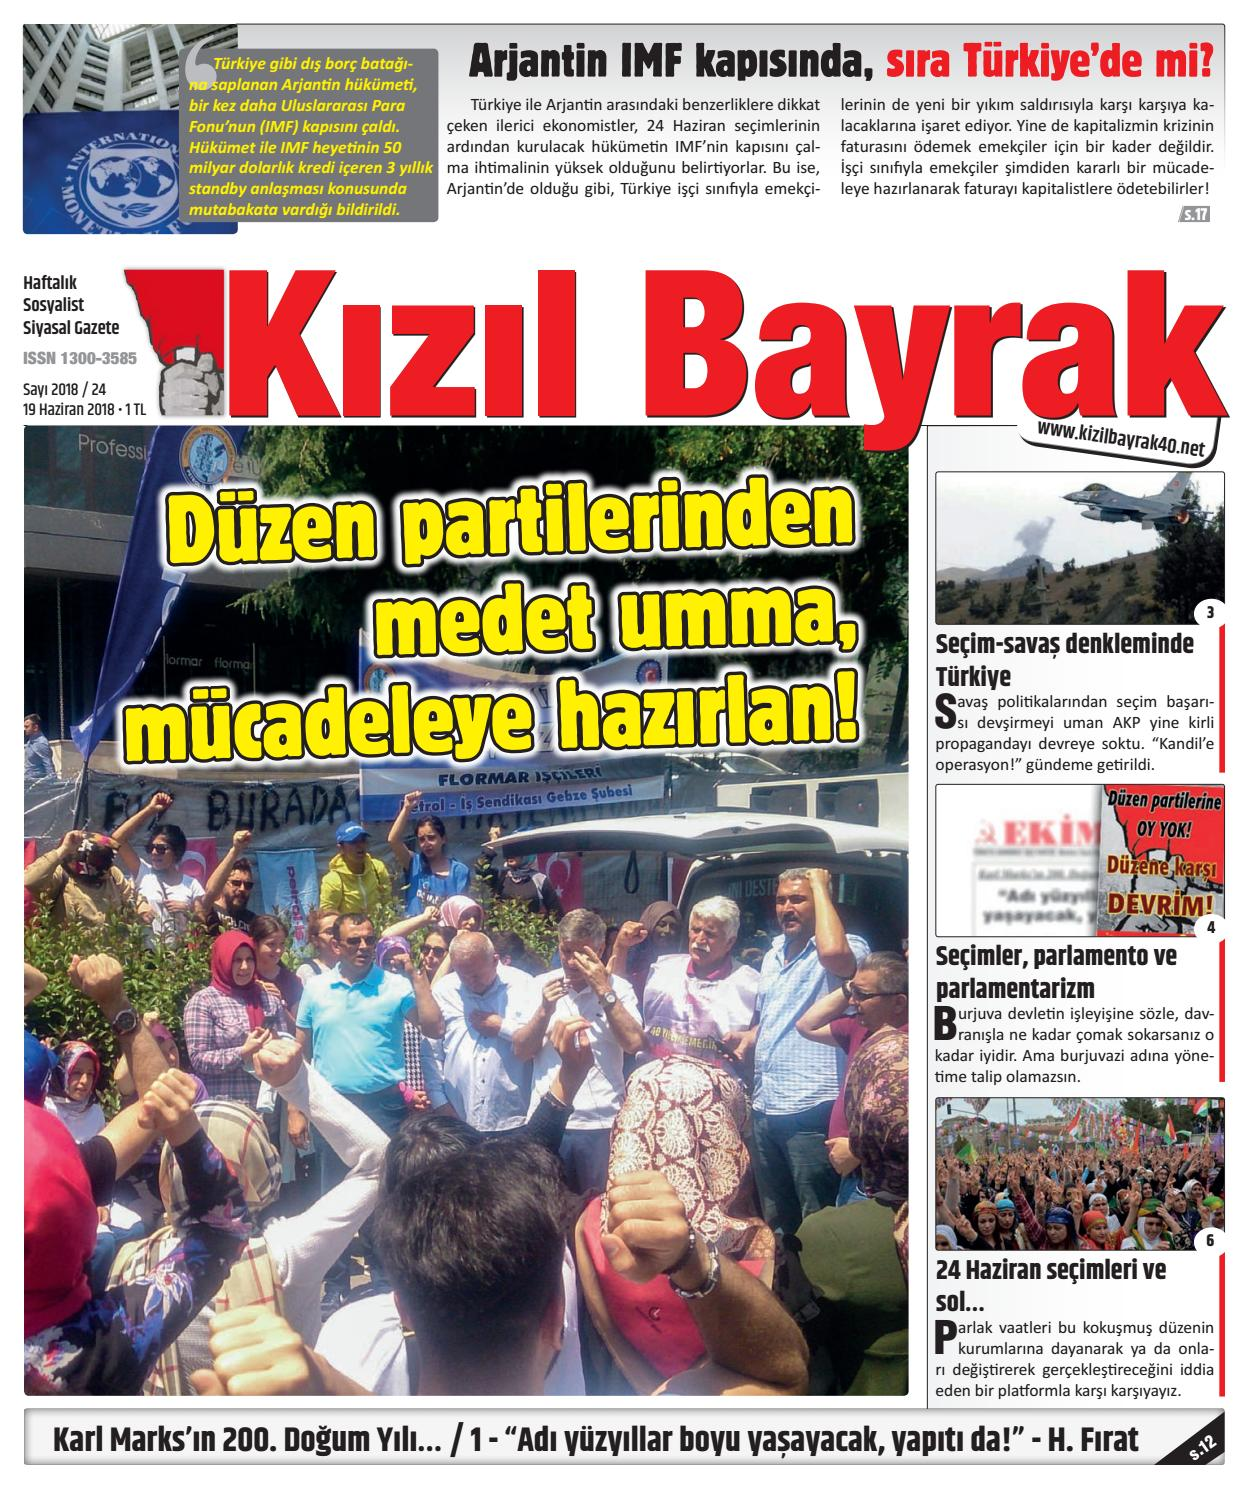 Nevşehir Haberleri: Nevşehir'de sahte çekle inşaat malzemesi alan dolandırıcılar yakalandı 1